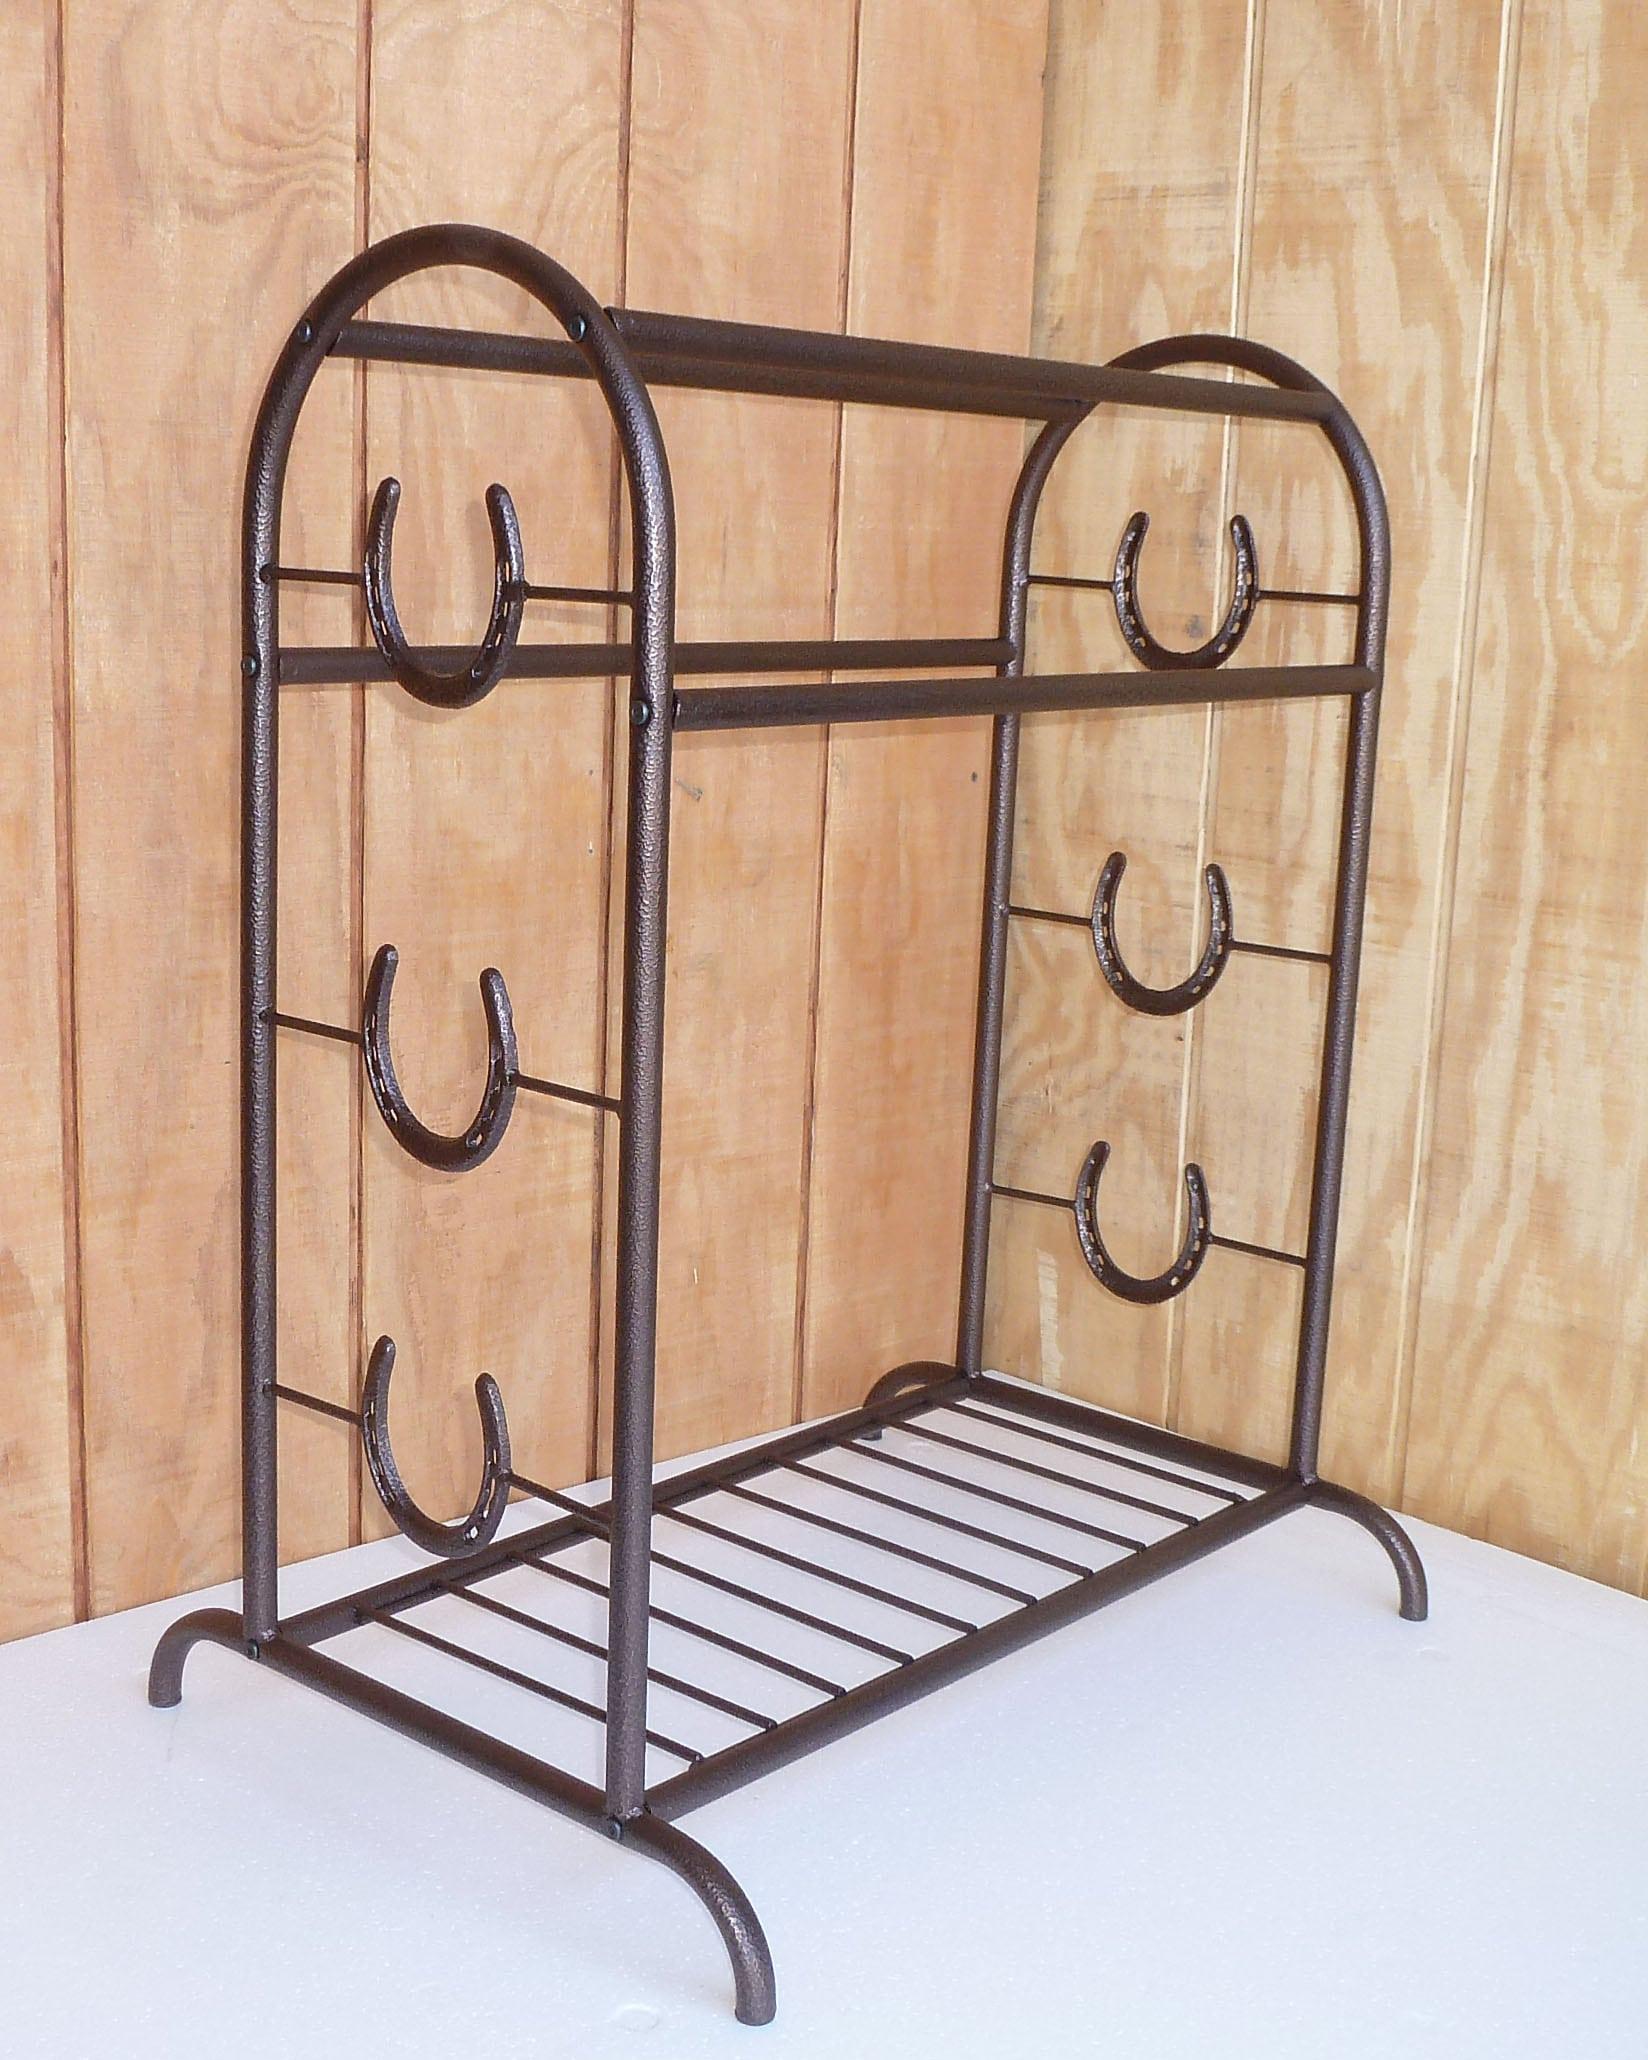 Copper trophy saddle rack